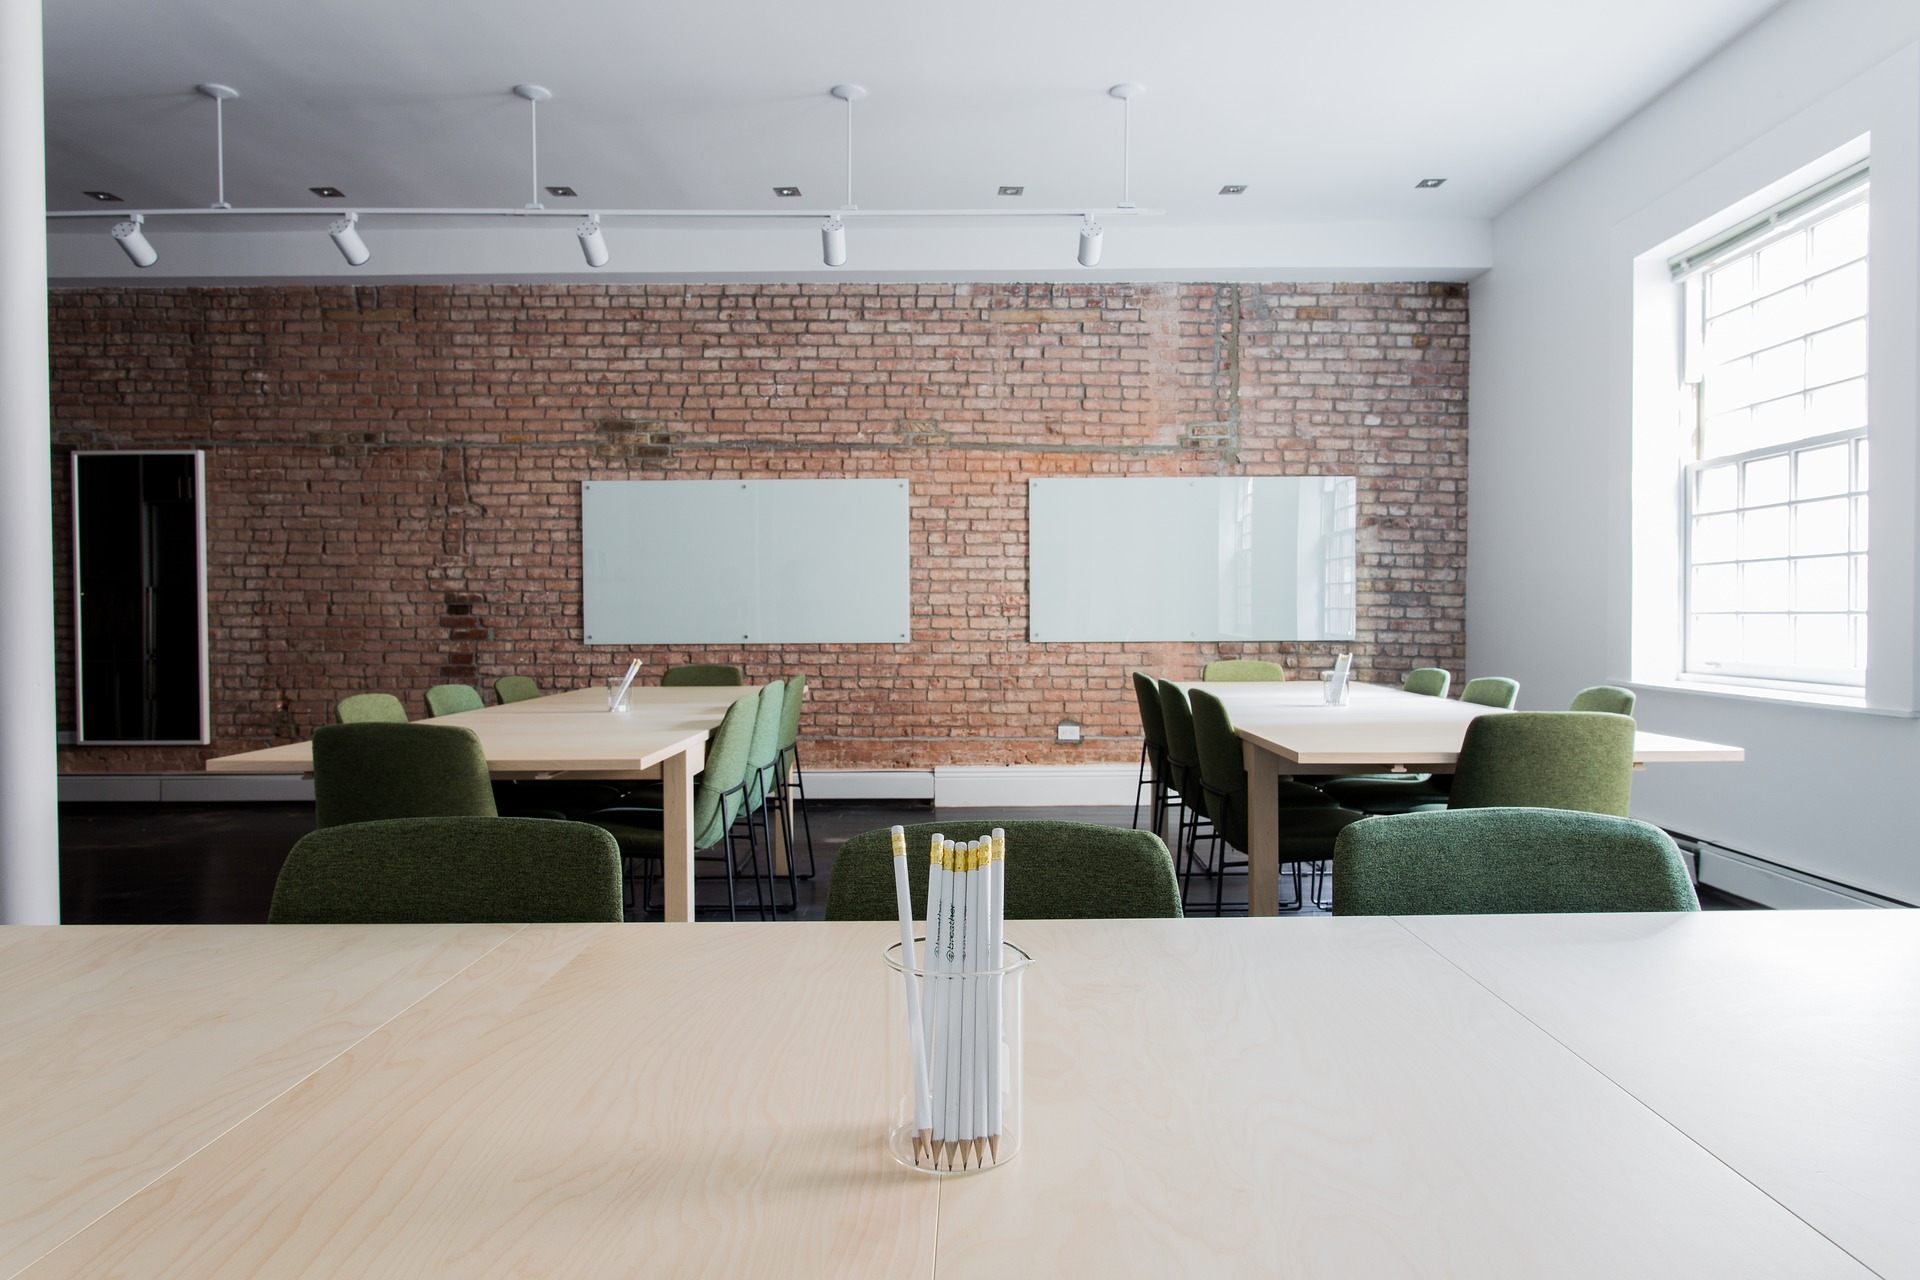 Maisons du monde inspire l'aménagement pour les clients professionnels